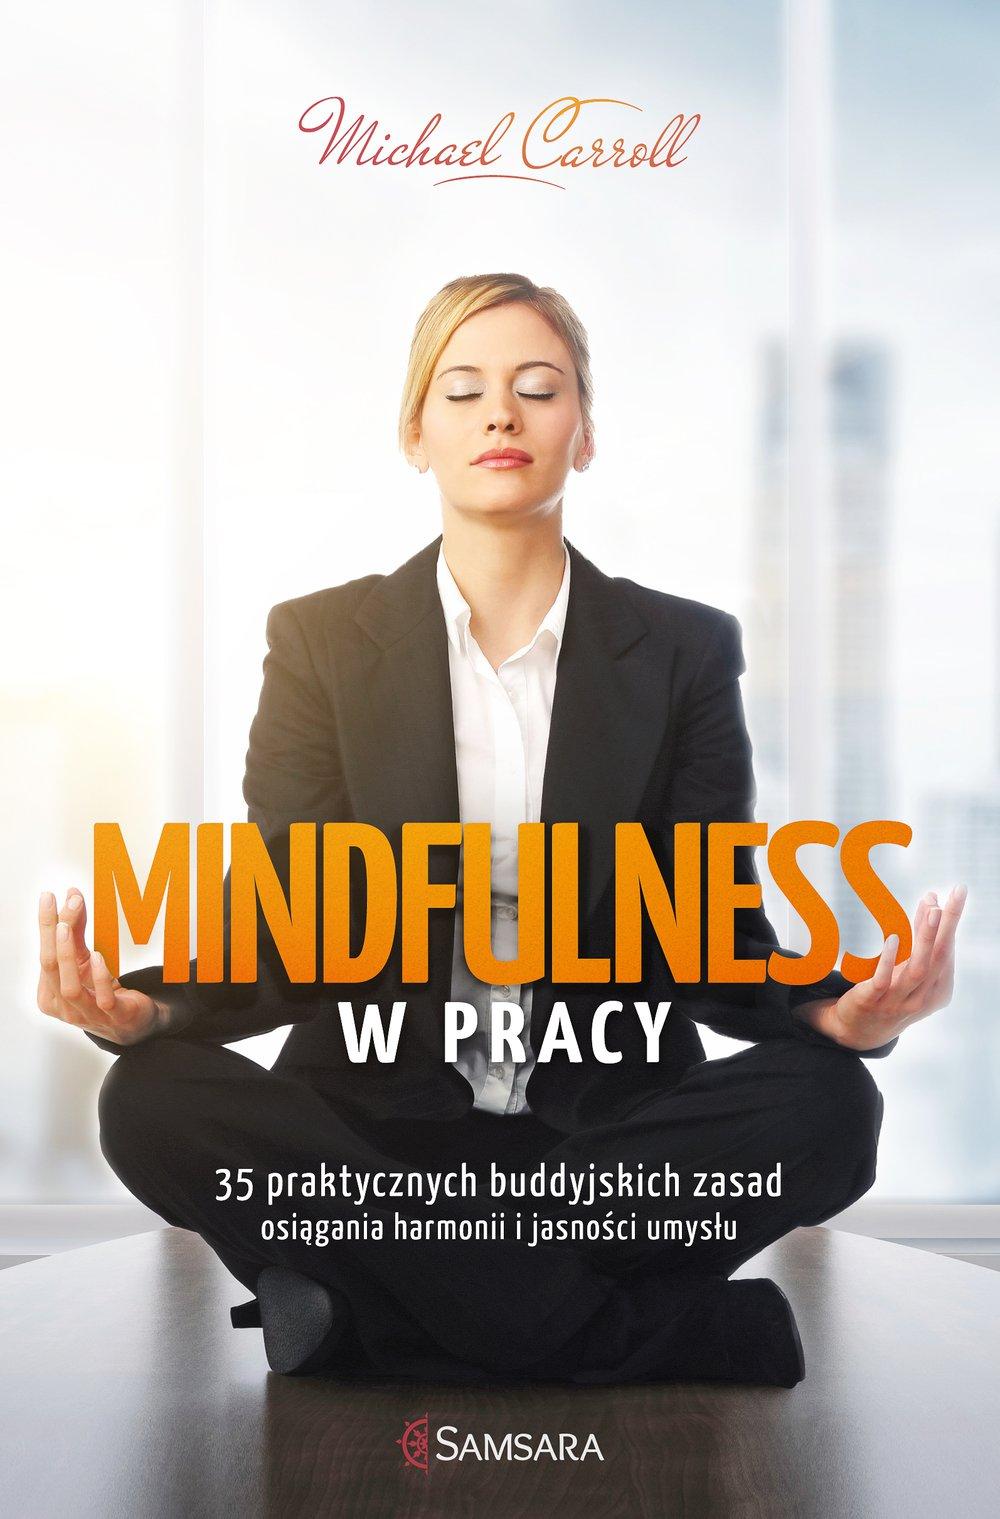 Mindfulness w pracy. 35 praktycznych buddyjskich zasad osiągania harmonii i jasności umysłu - Ebook (Książka na Kindle) do pobrania w formacie MOBI